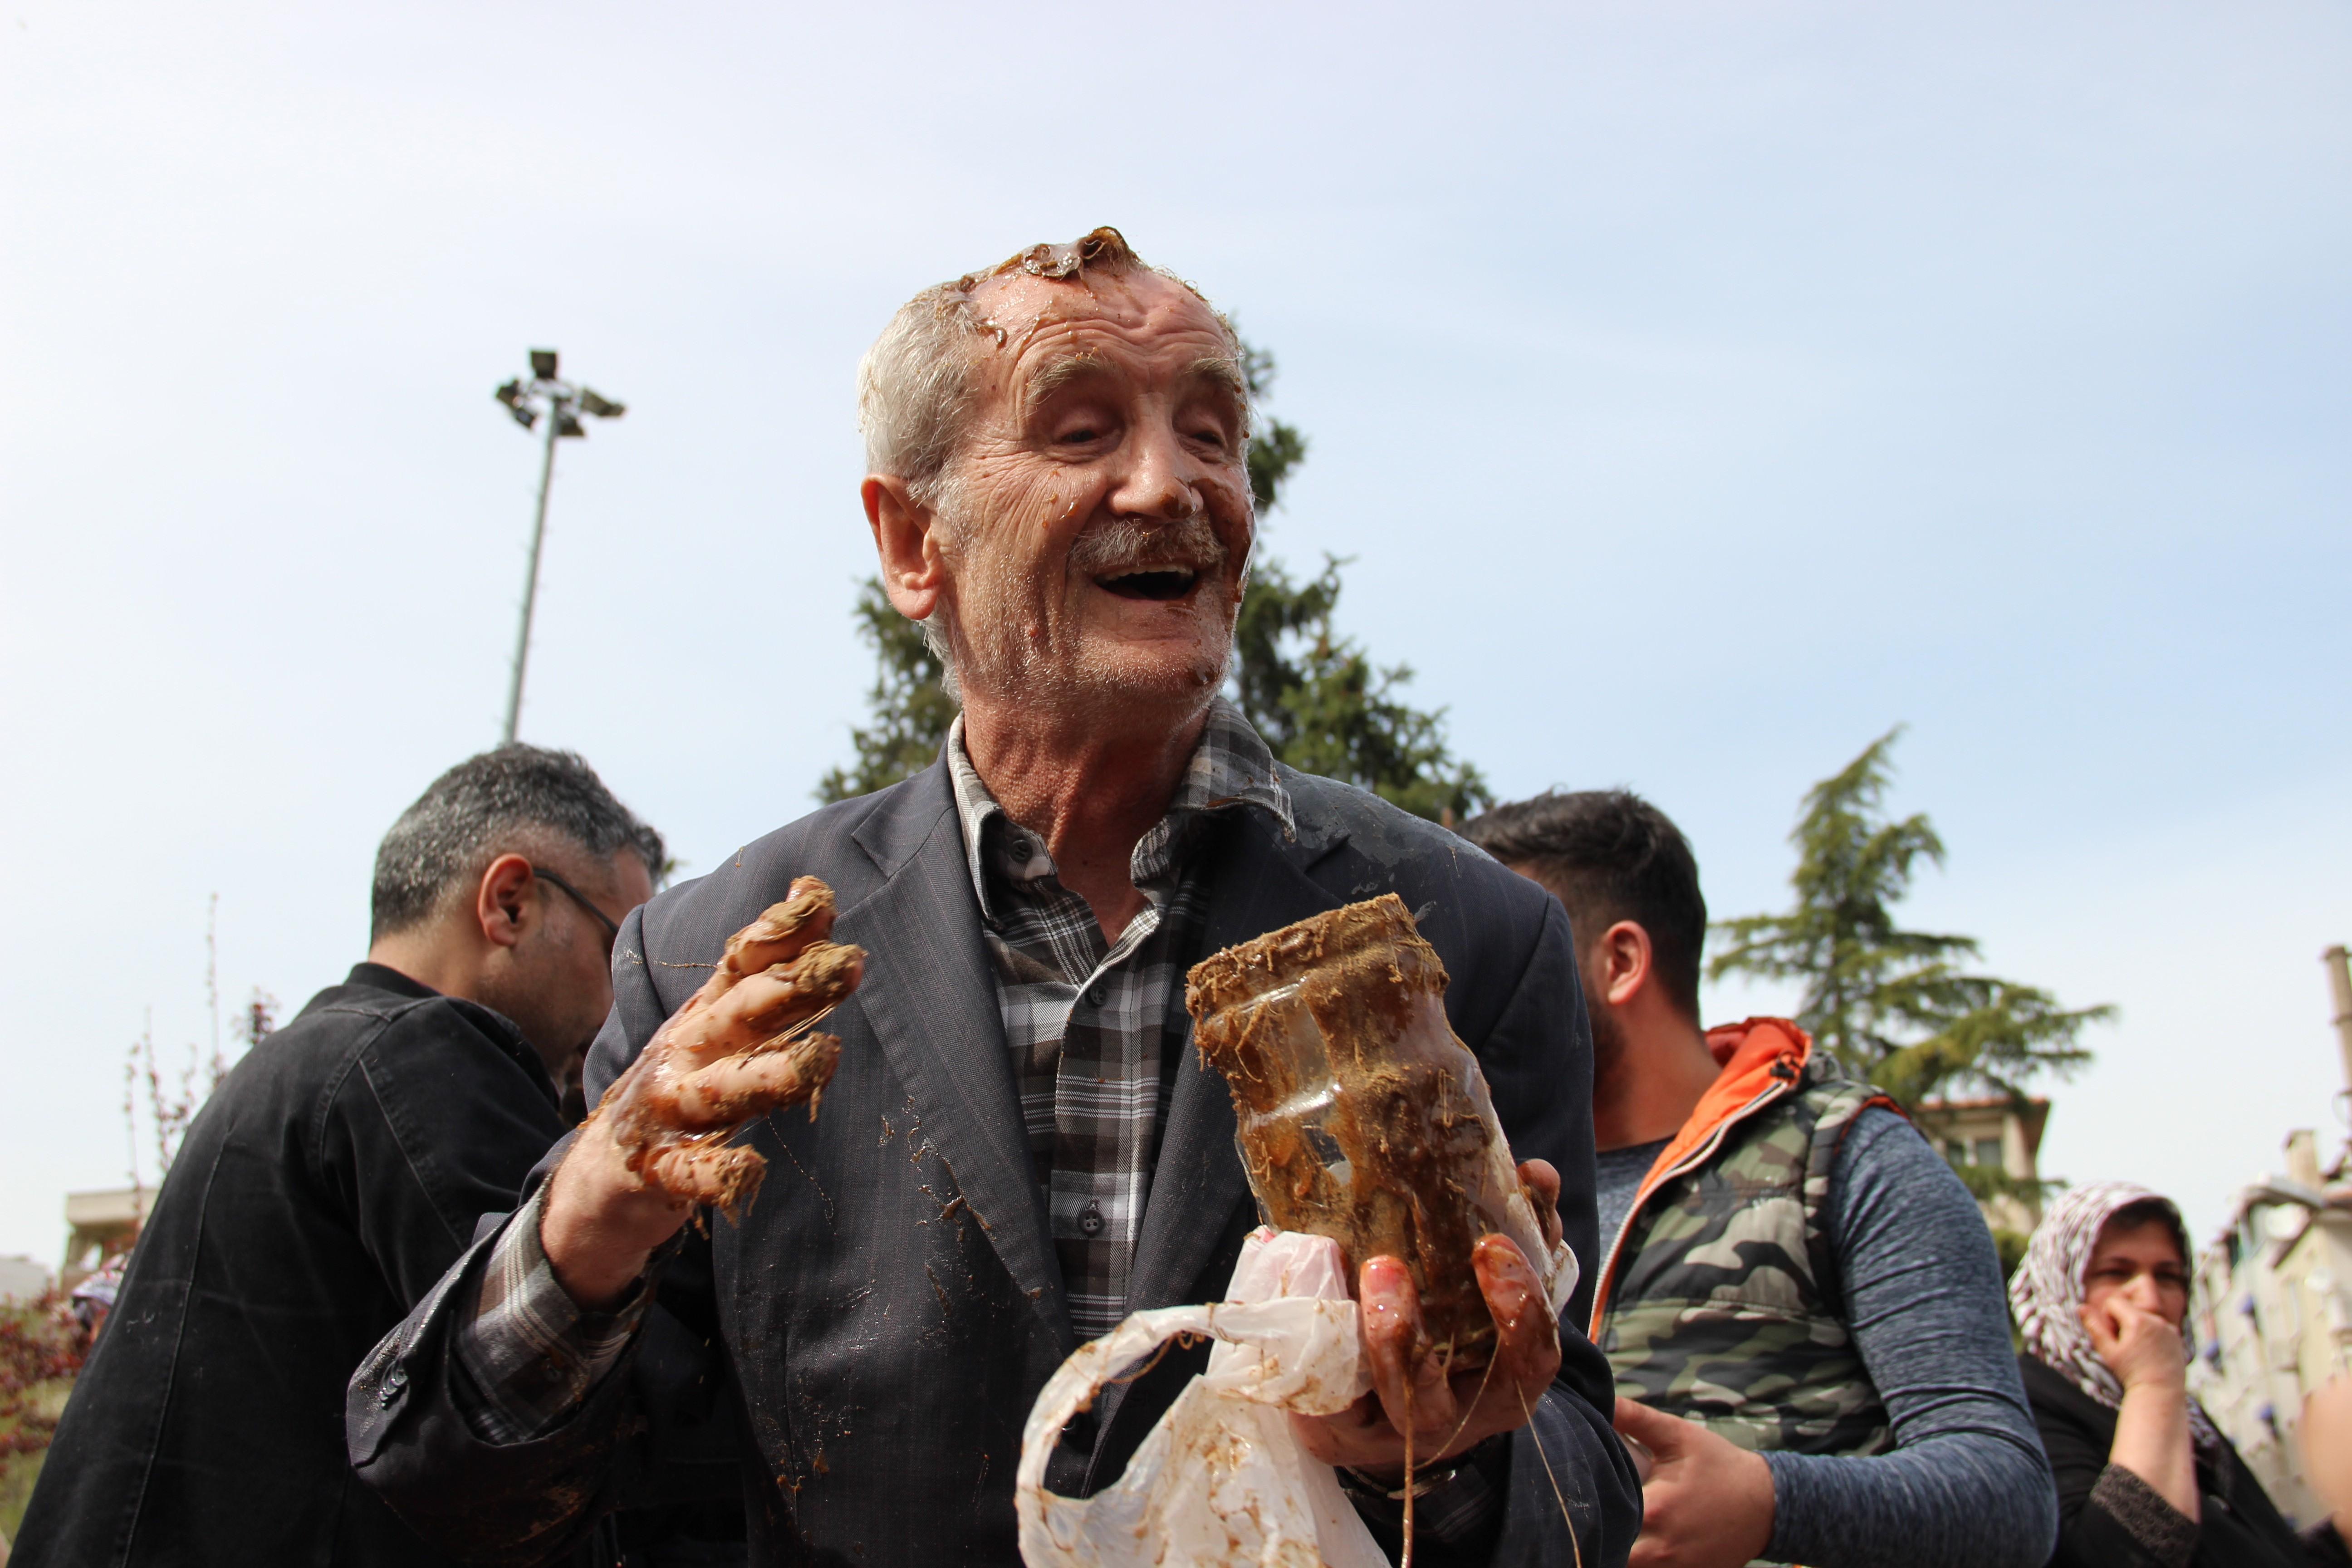 Manisa'da mesir macunu kazanına düşen amca